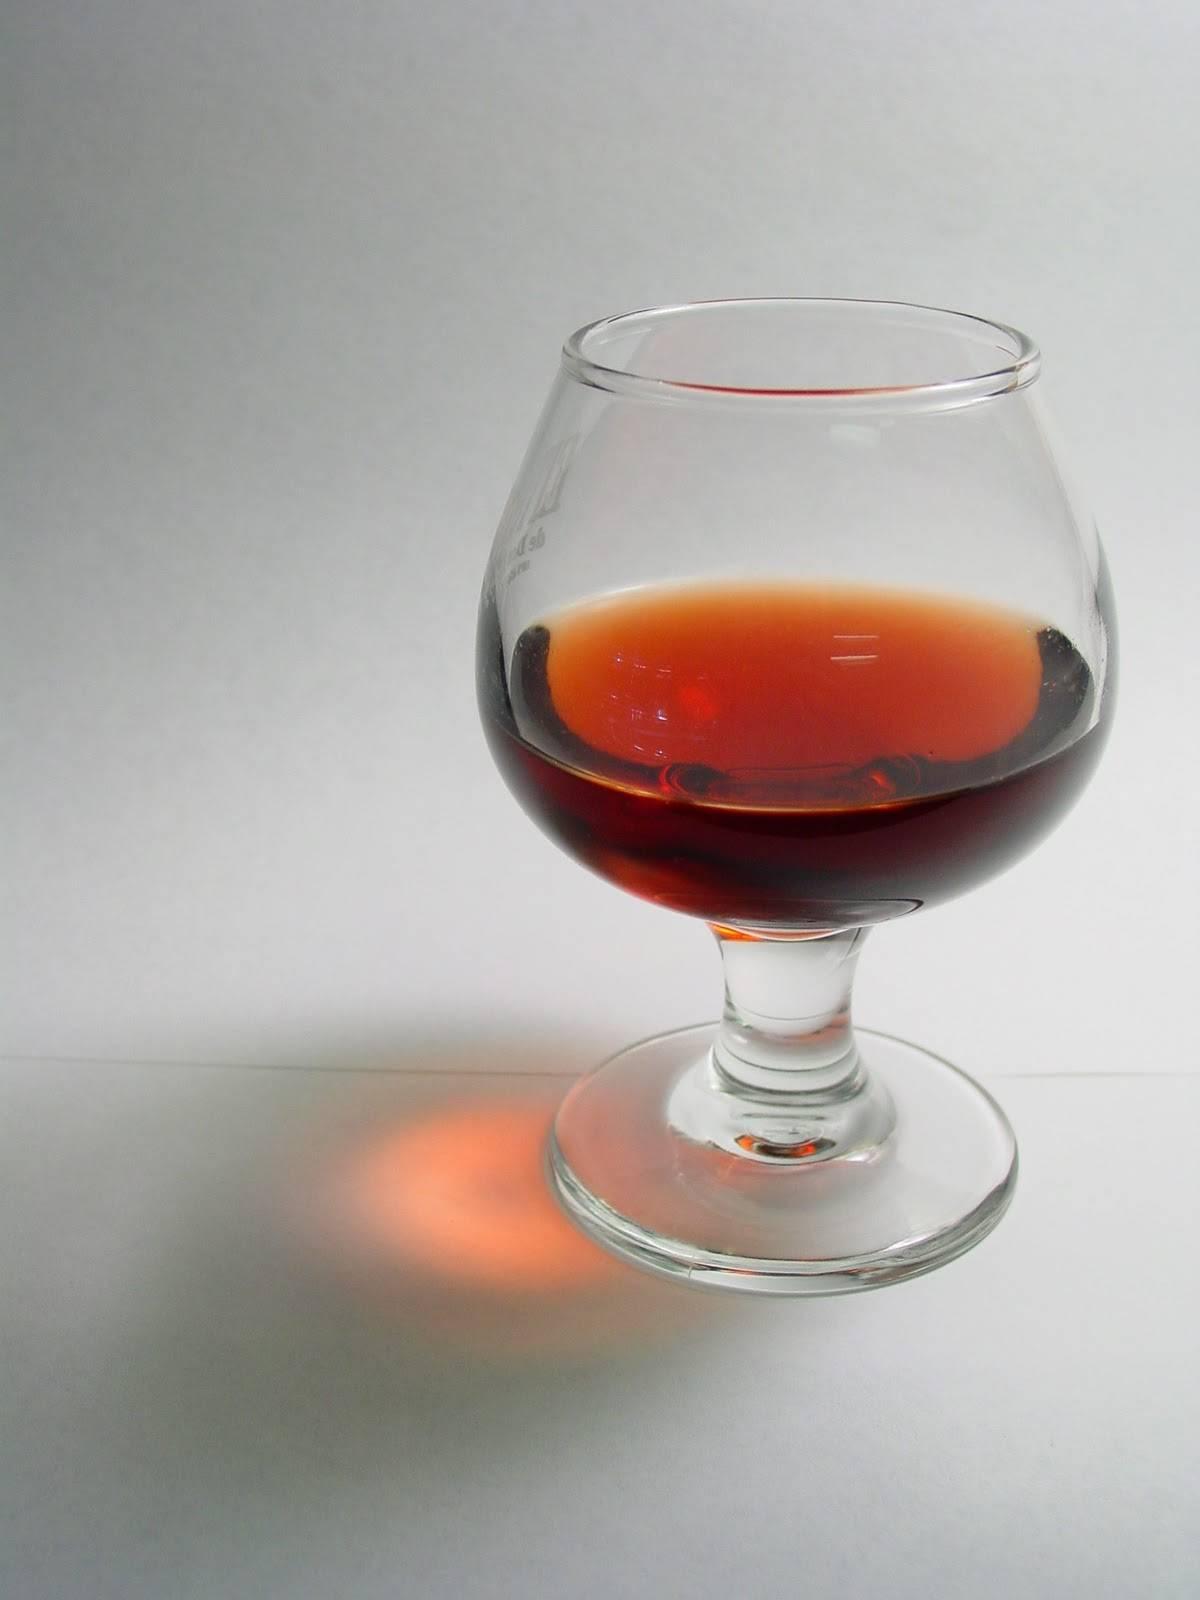 Польза и вред коньяка: можно ли пить его в лечебных целях?